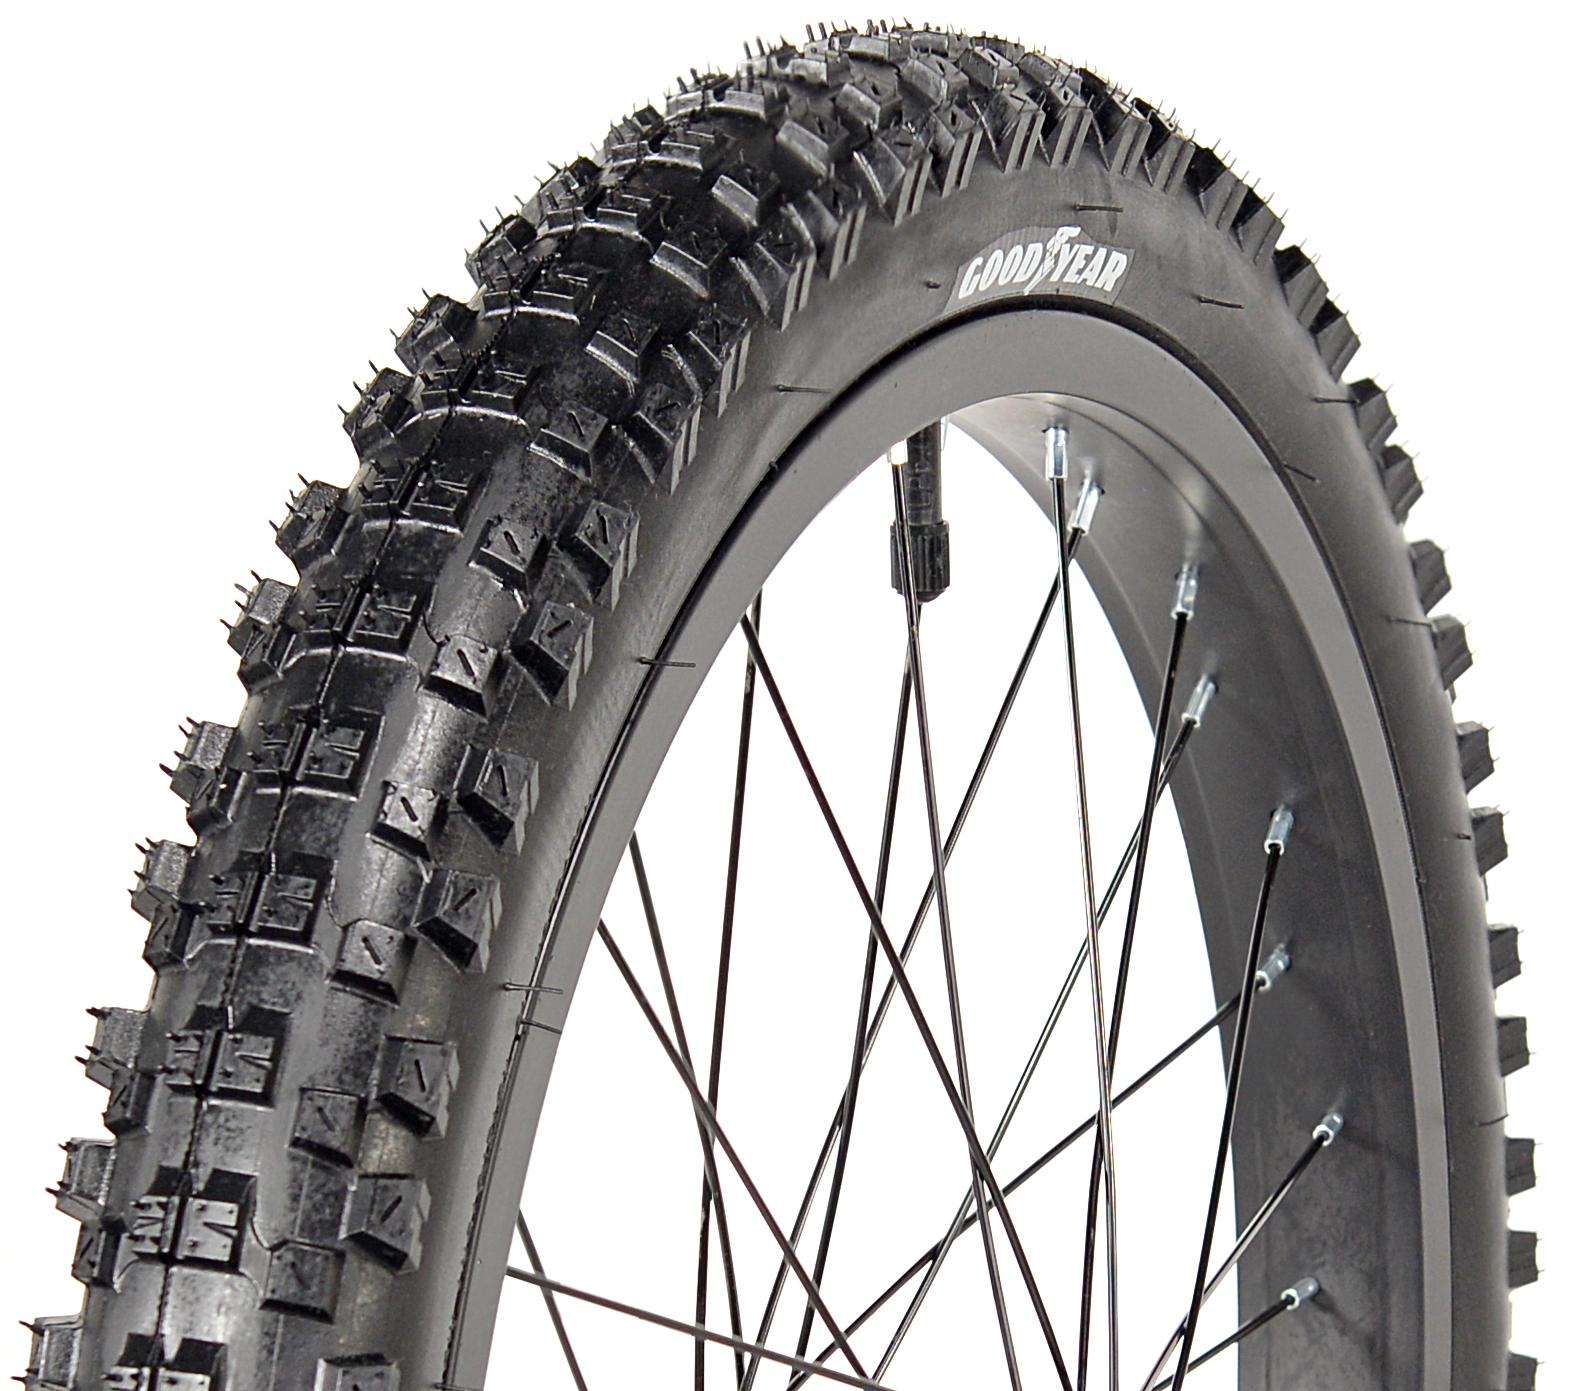 Schwinn Big Knobby Bike Tire Black, 20 x 1.95-Inch